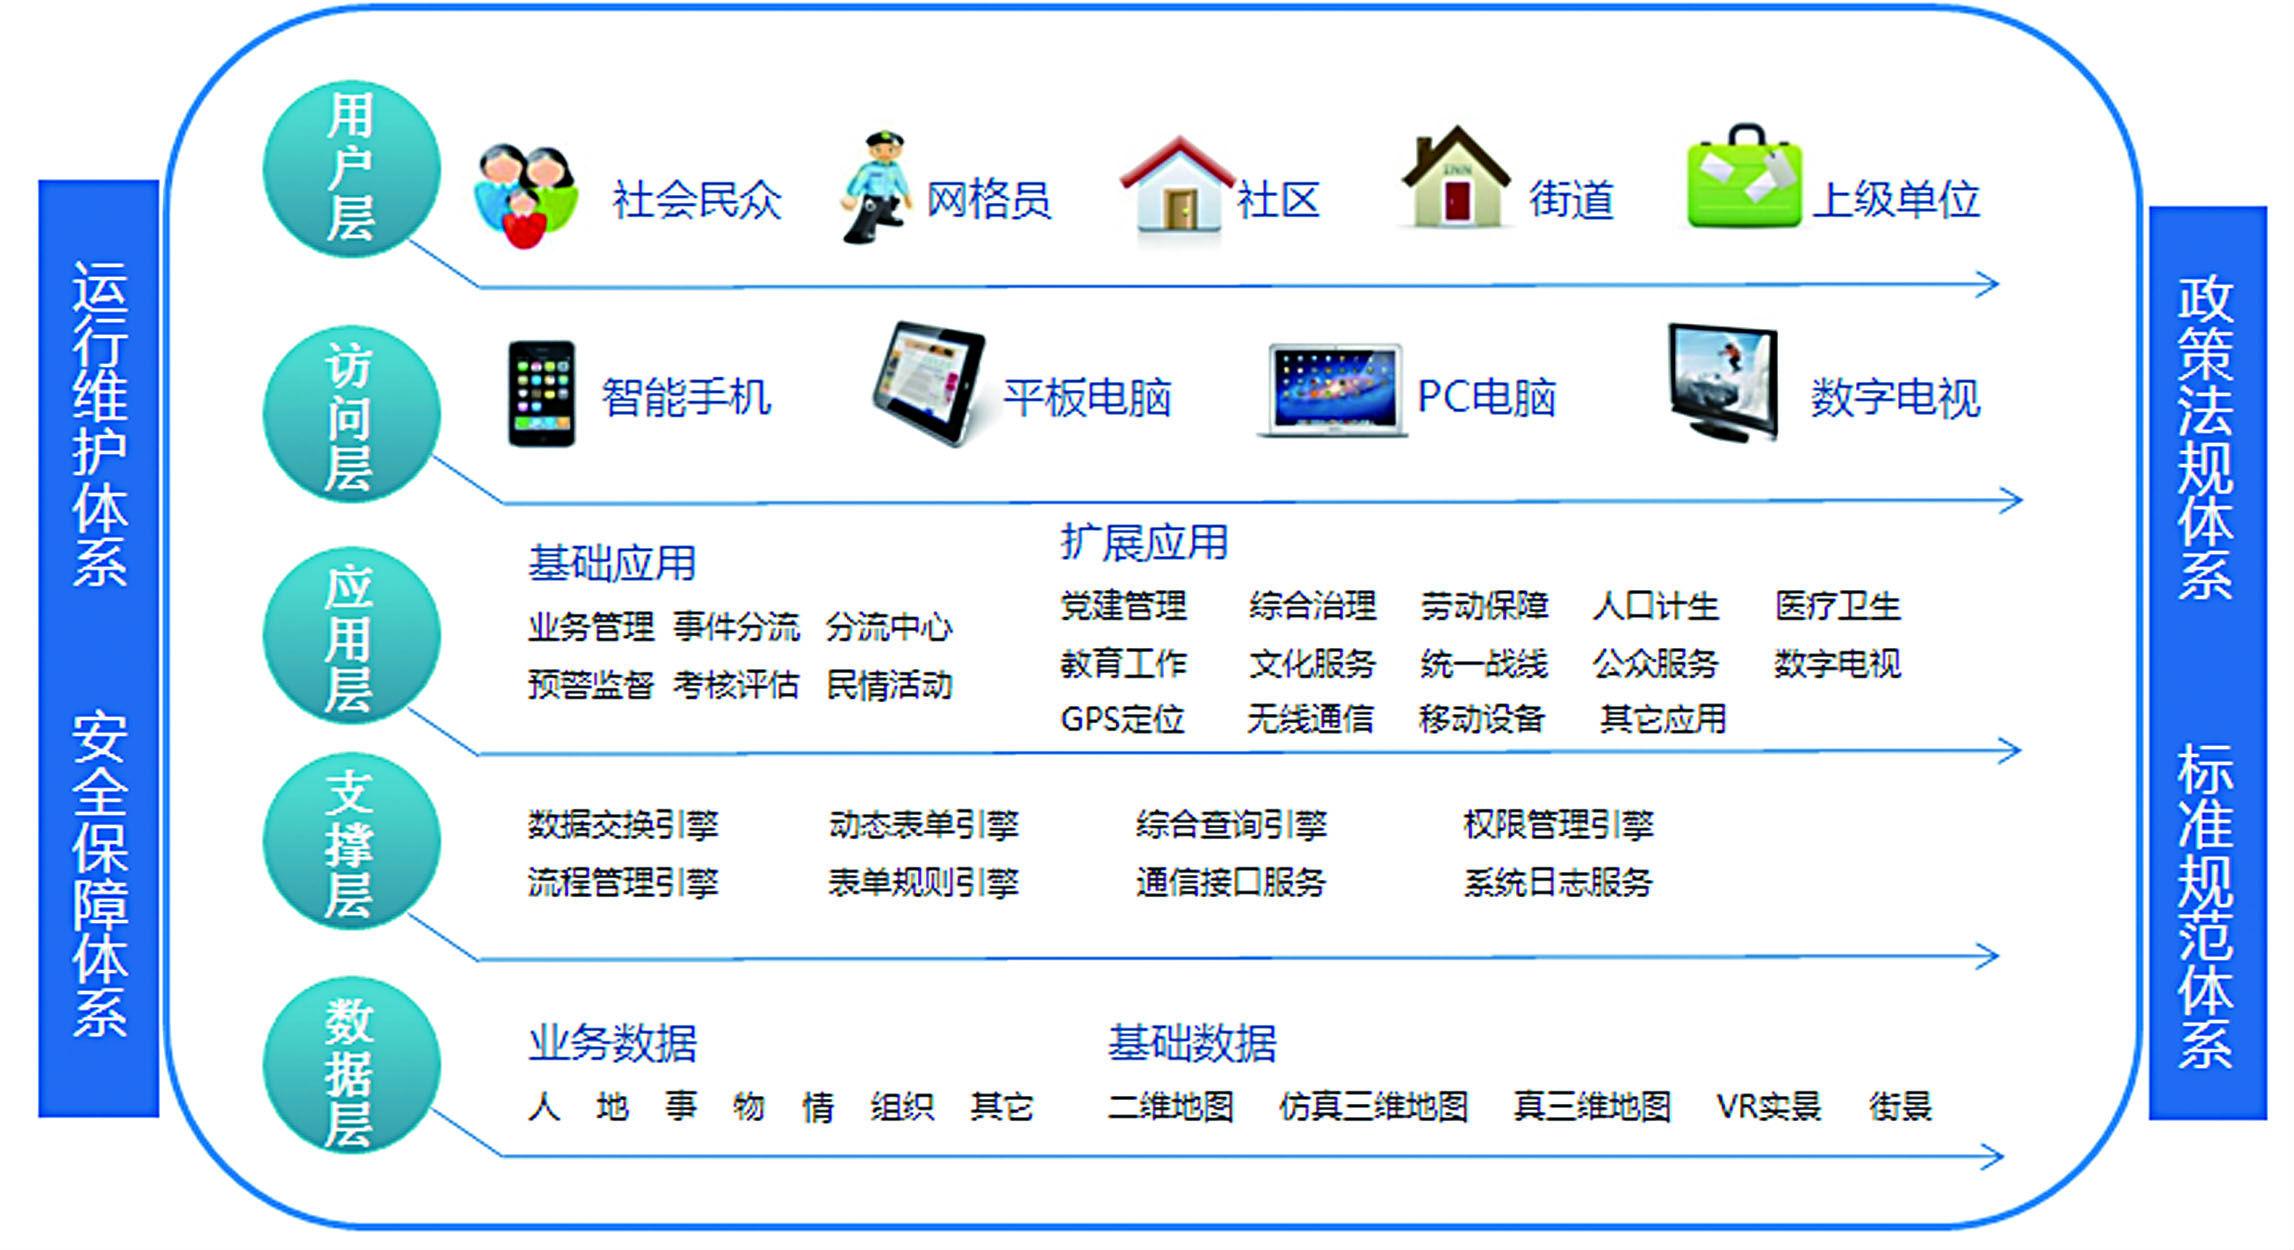 三维网格化社会管理服务平台